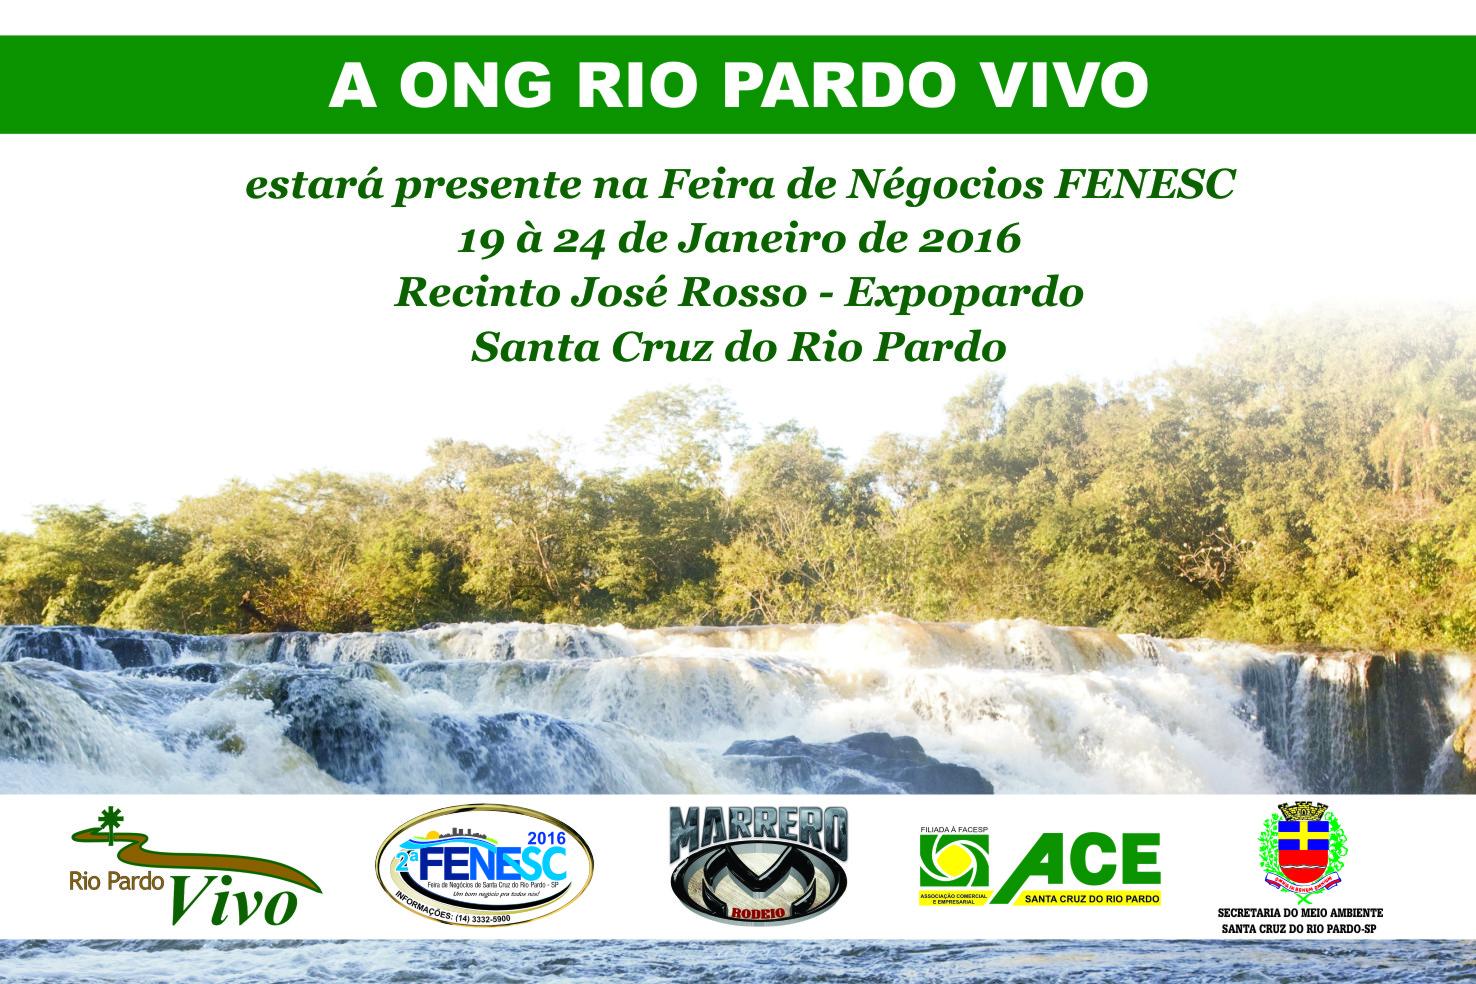 RIO_PARDO_VIVO_FENESC_2016